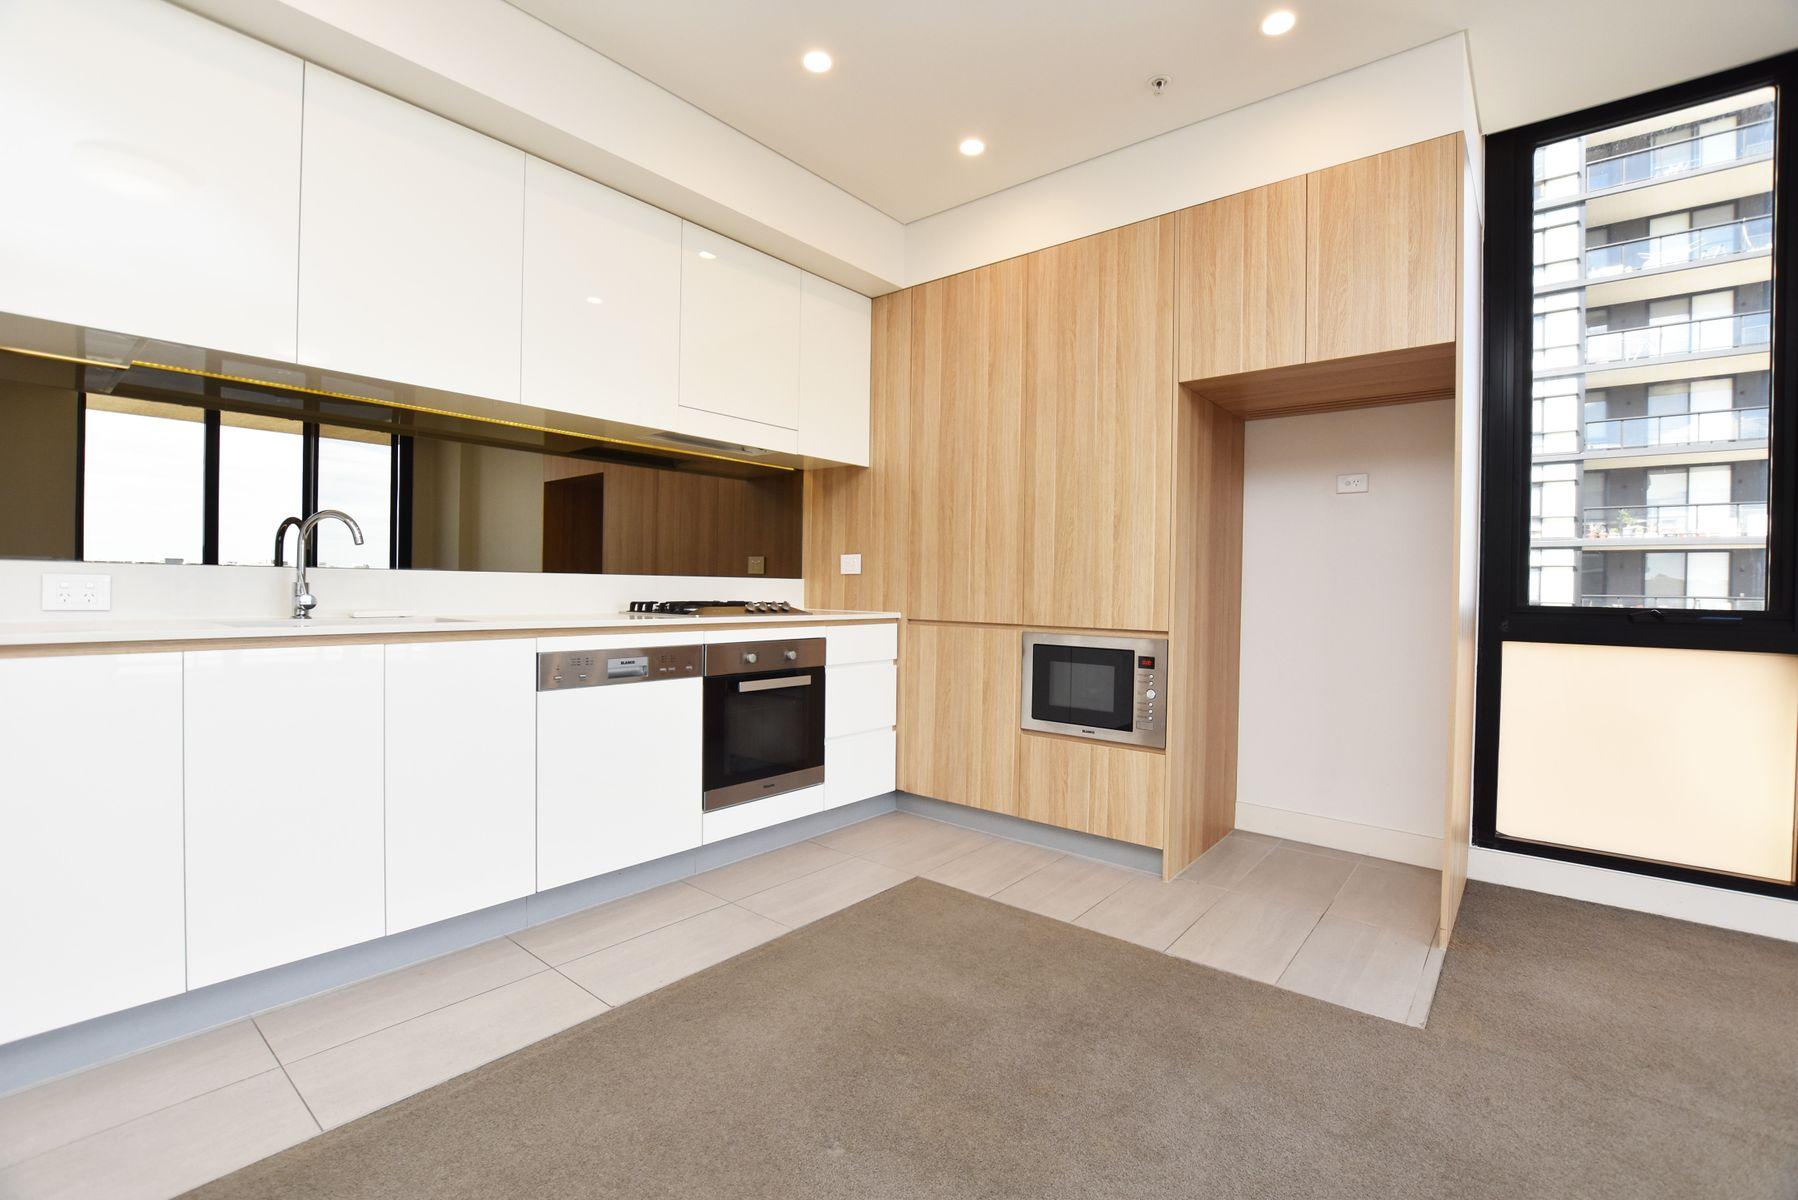 618/46 Savona Drive, Wentworth Point, NSW 2127